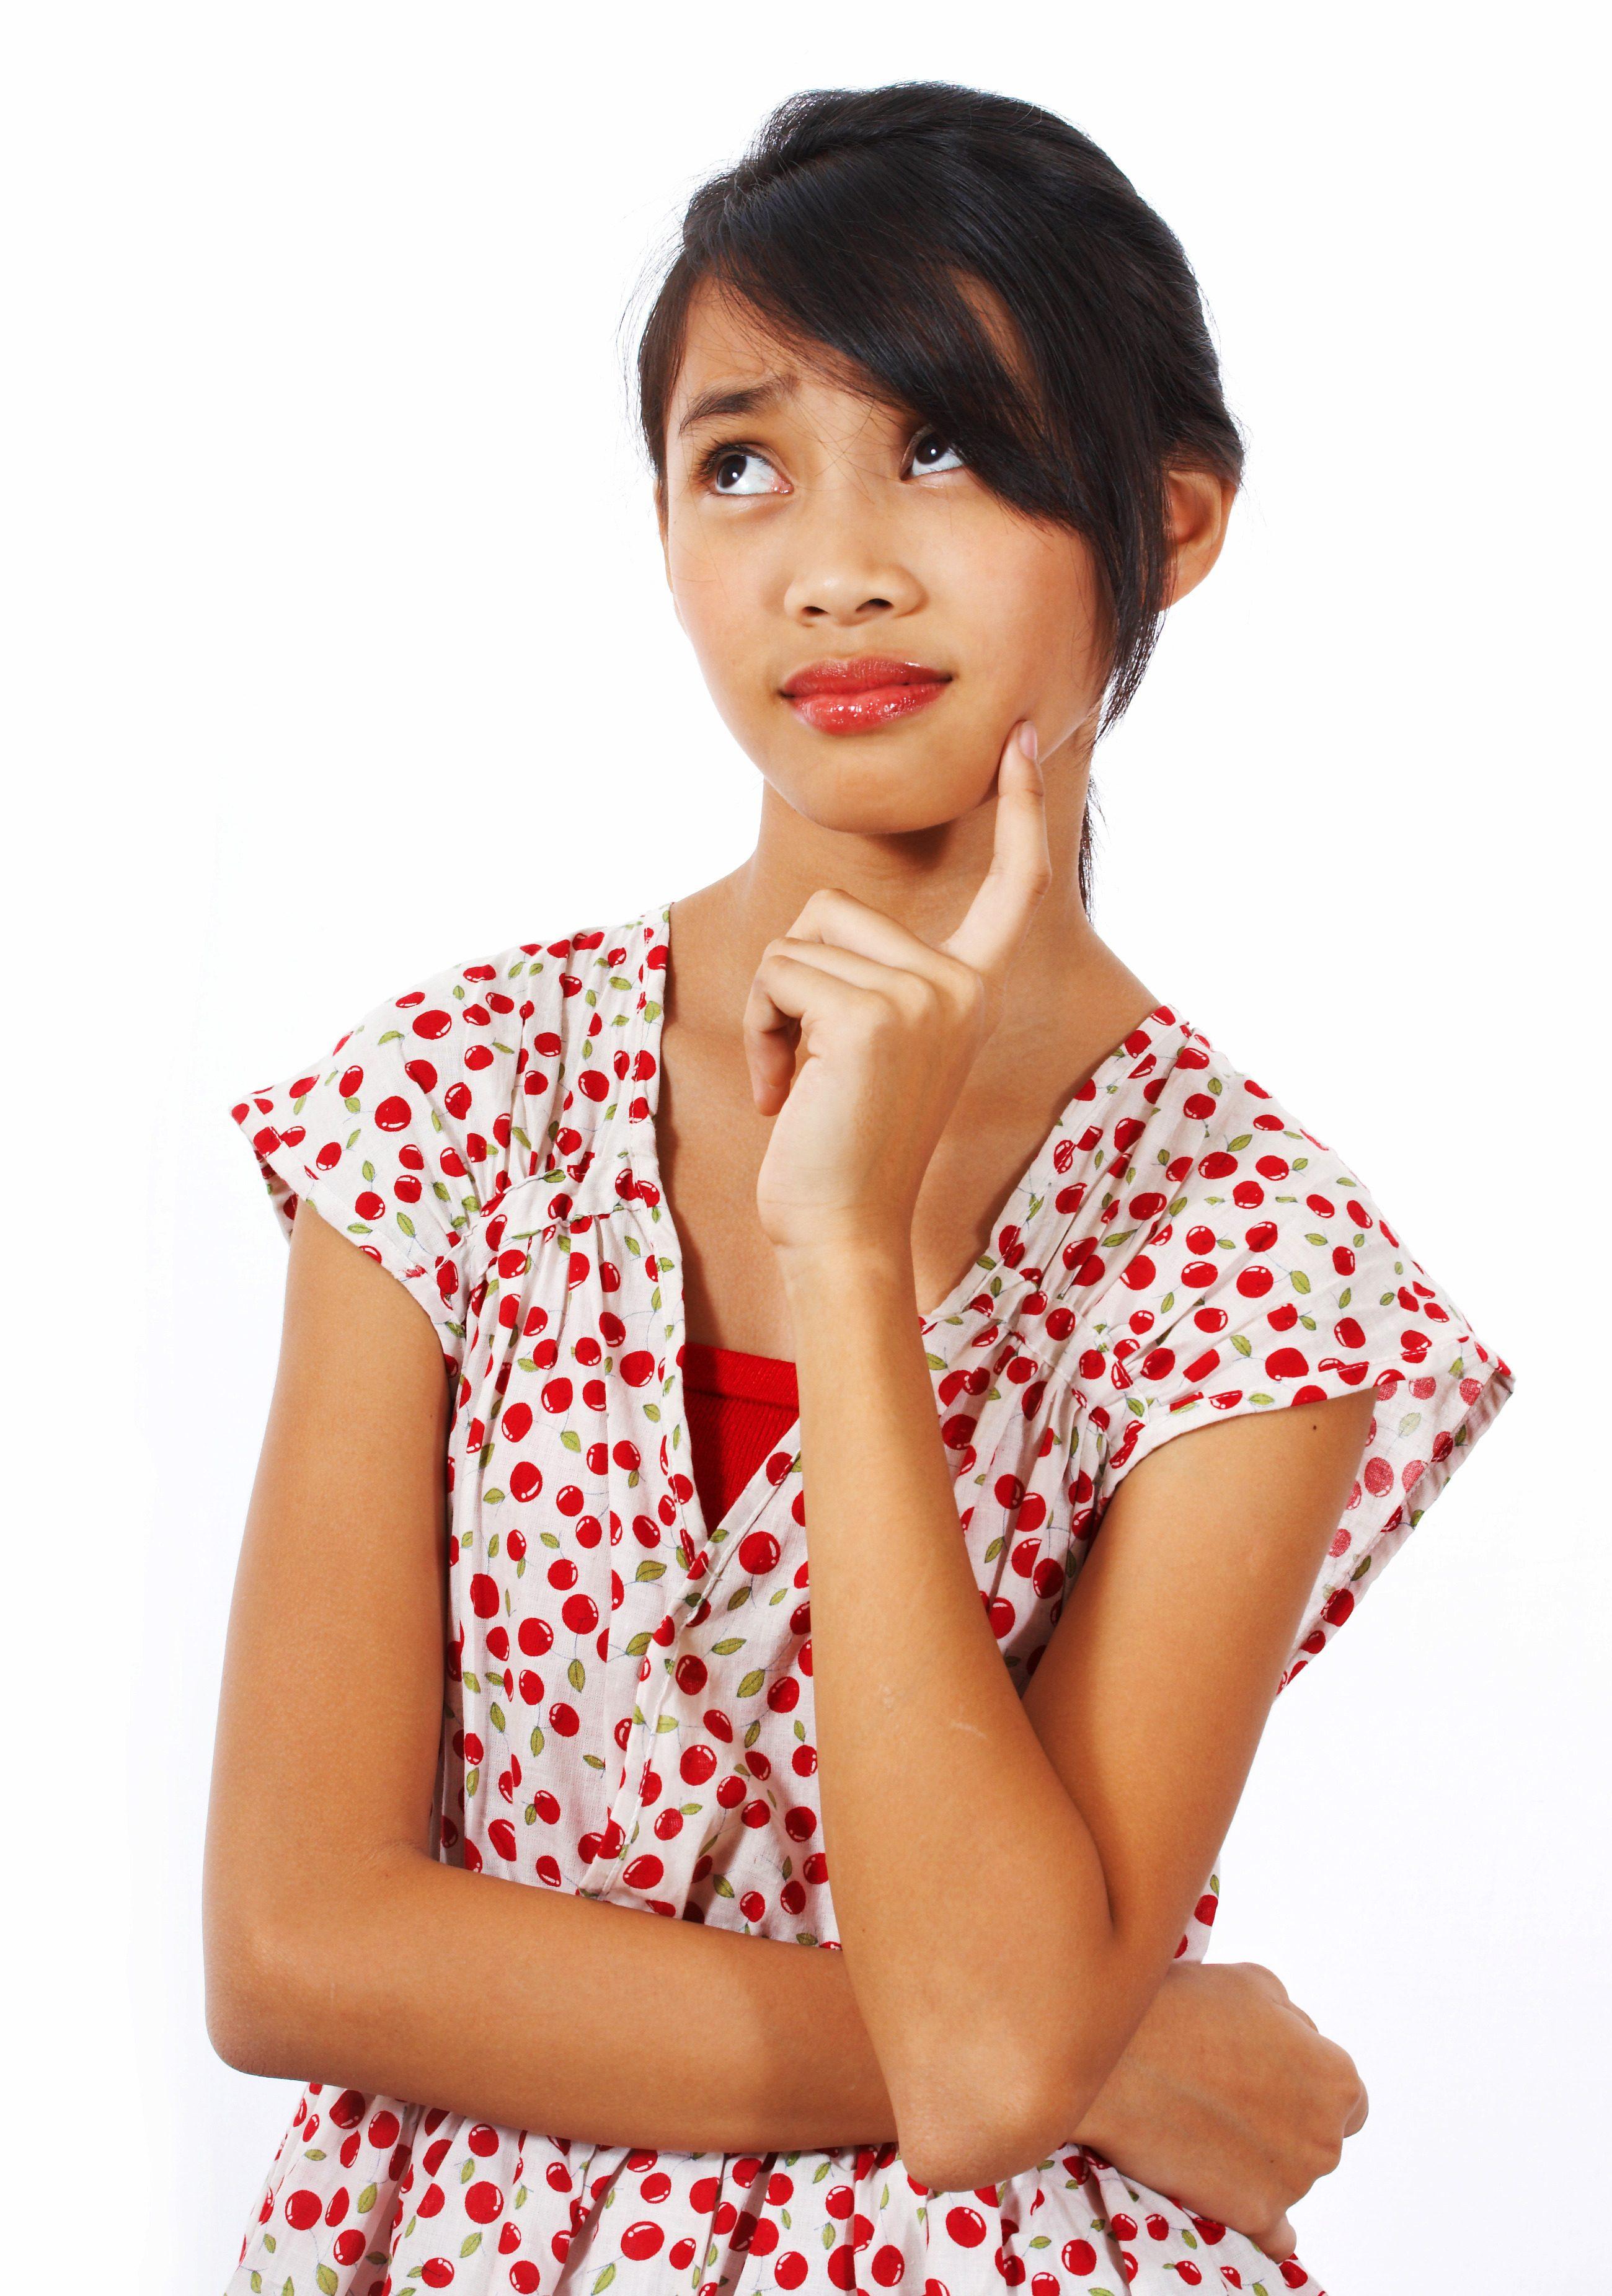 teenage girl thinking about something